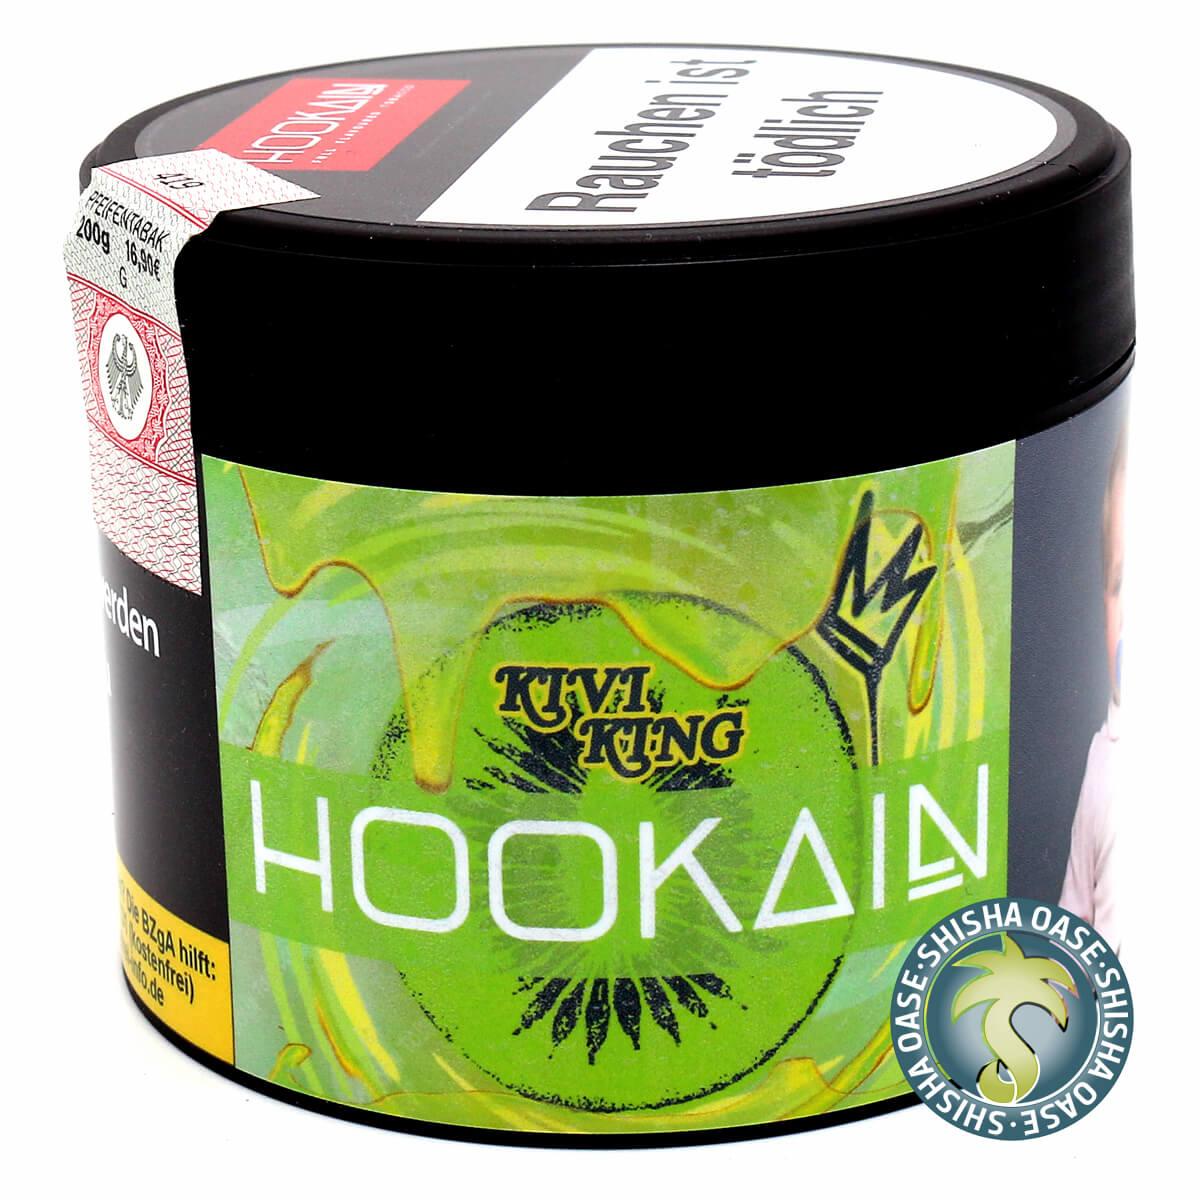 Hookain Tabak Kivi King 200g